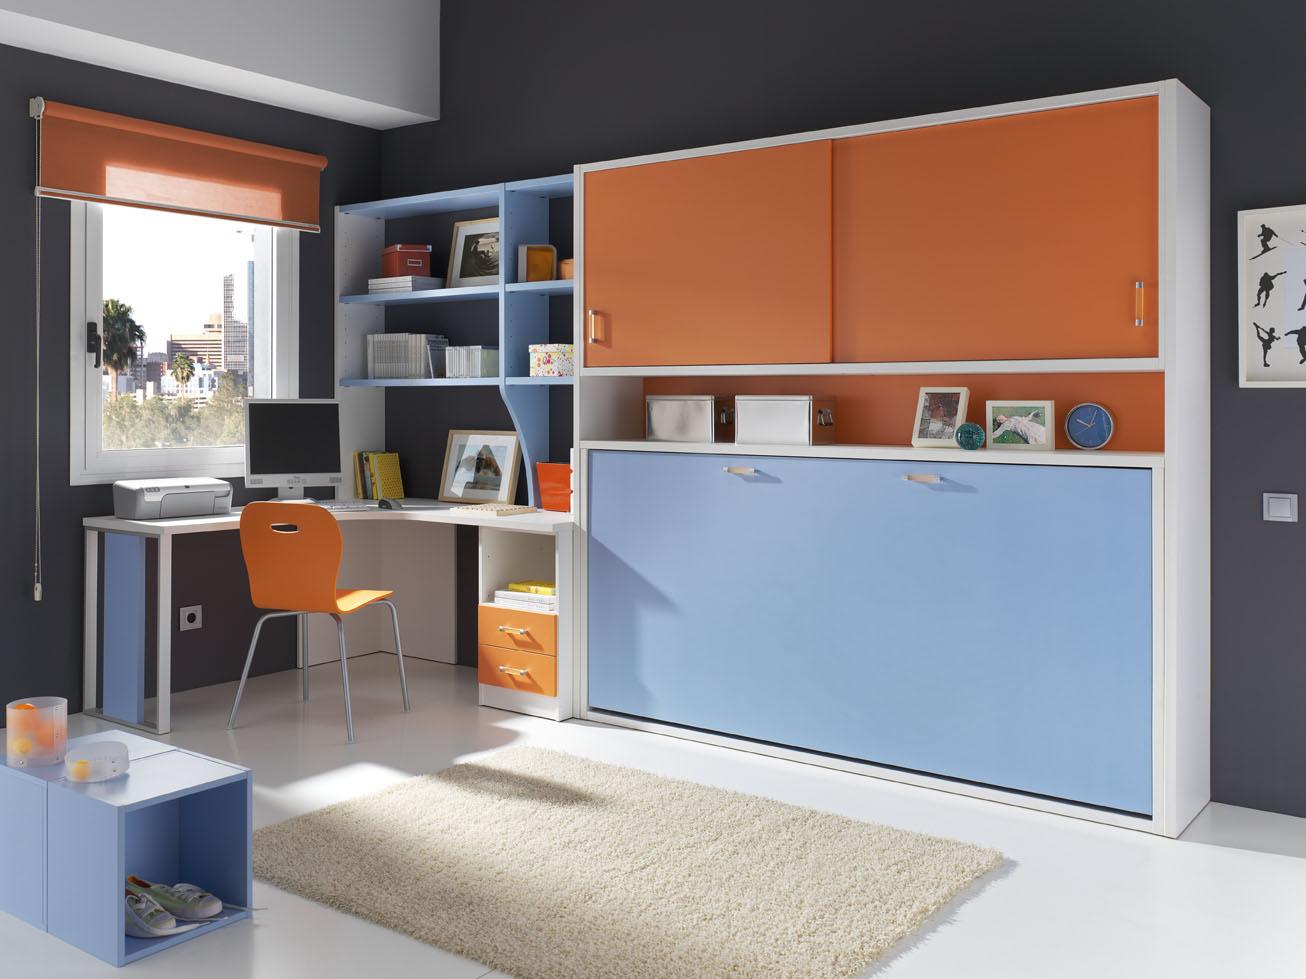 Muebles modulares para el dormitorio juvenil muebles for Muebles modulares juveniles